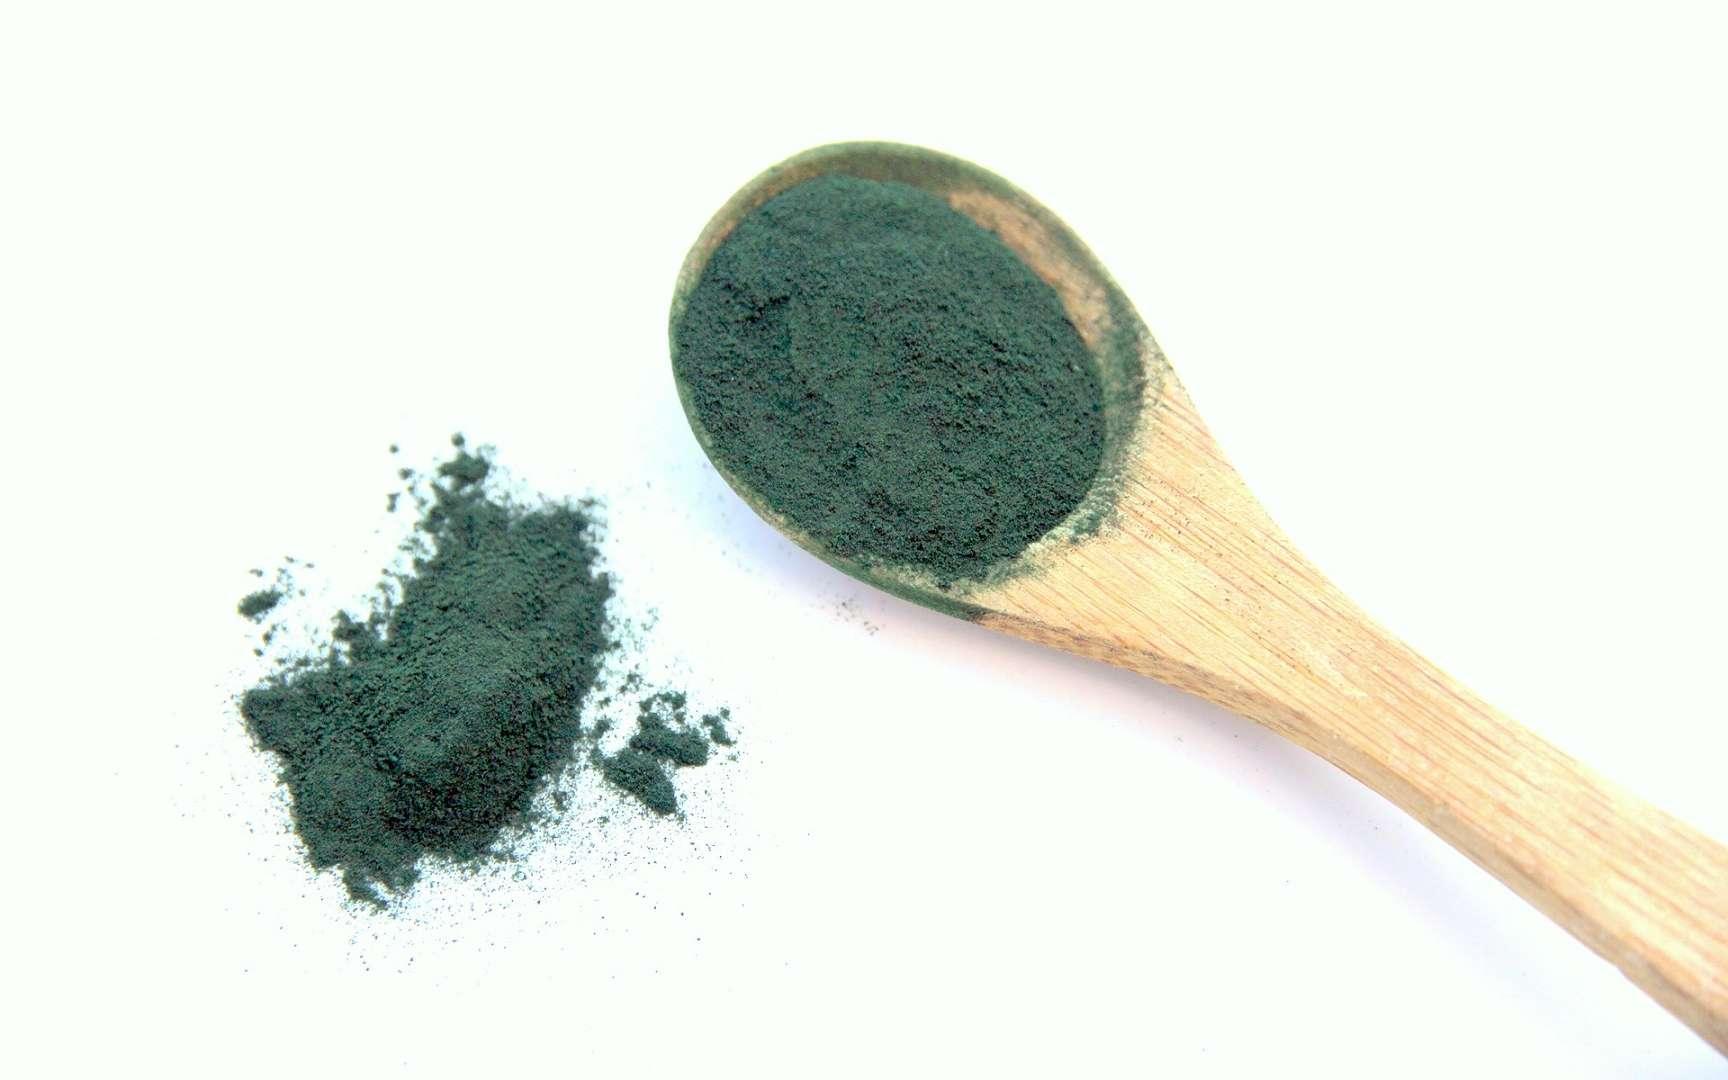 La spiruline est un complément alimentaire qui peut se présenter sous forme de poudre. © Nouchkac, Pixabay